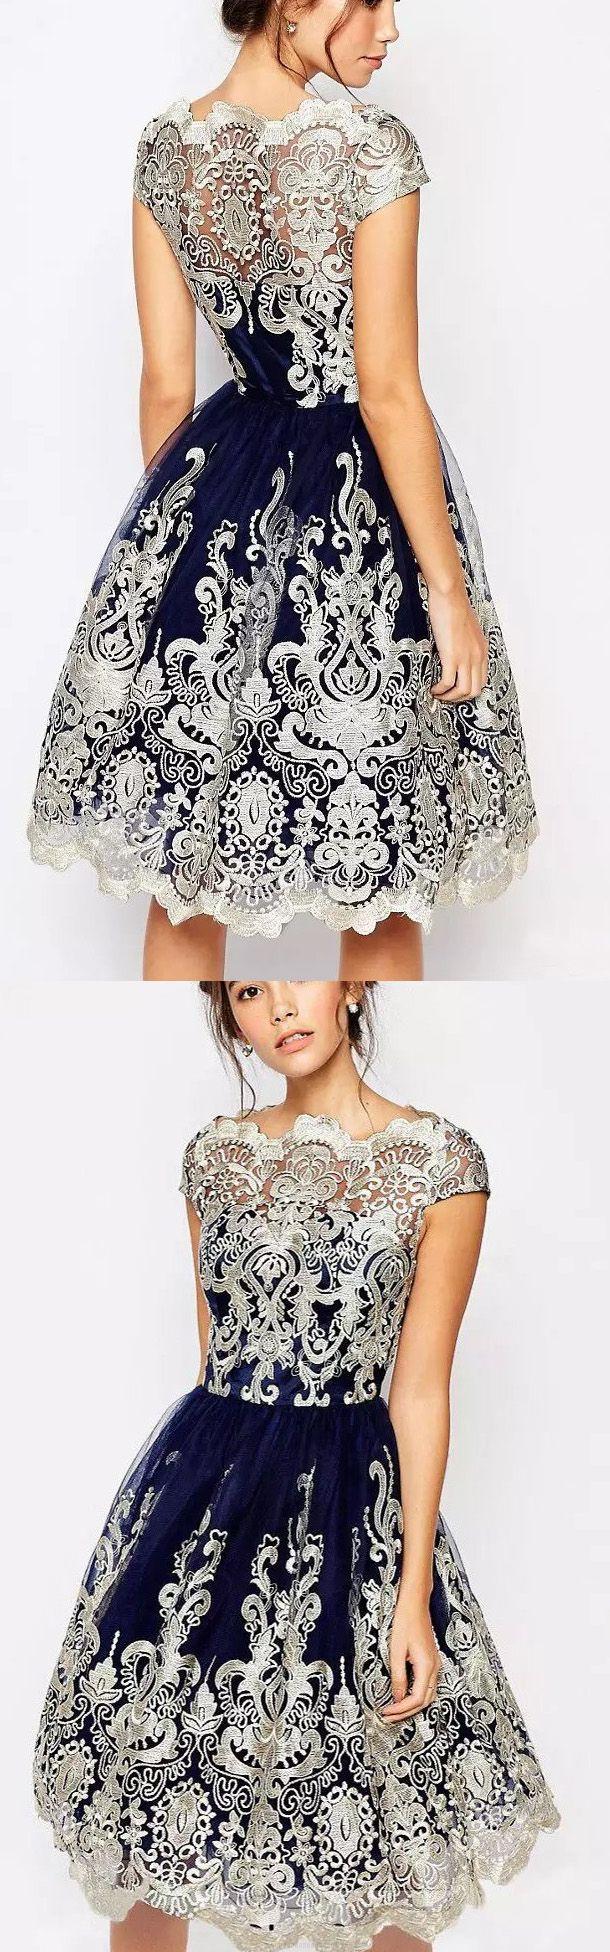 Prom dresses short prom dresses prom dresses cute prom